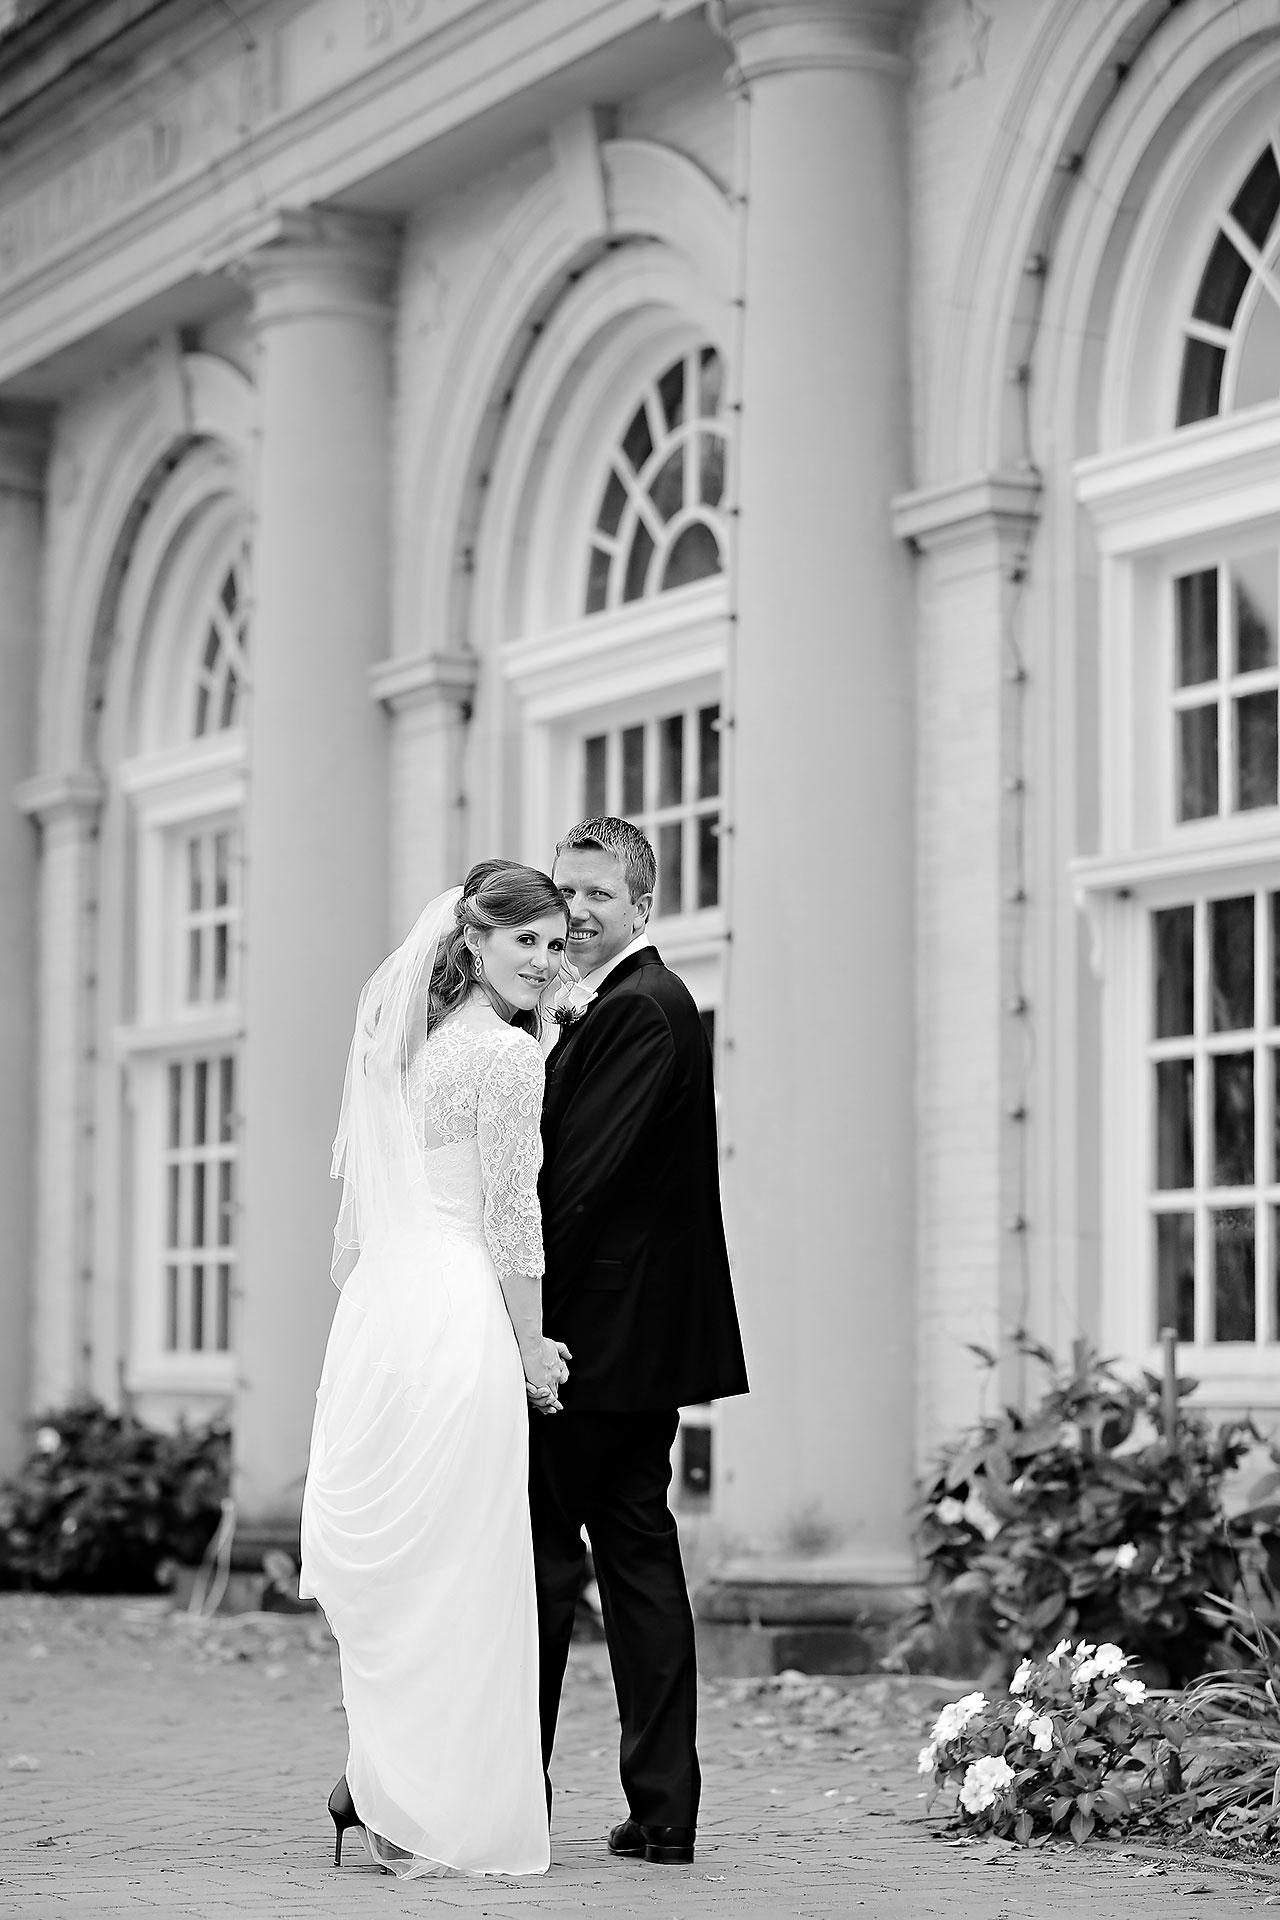 Chelsea Jeff West Baden Wedding 164